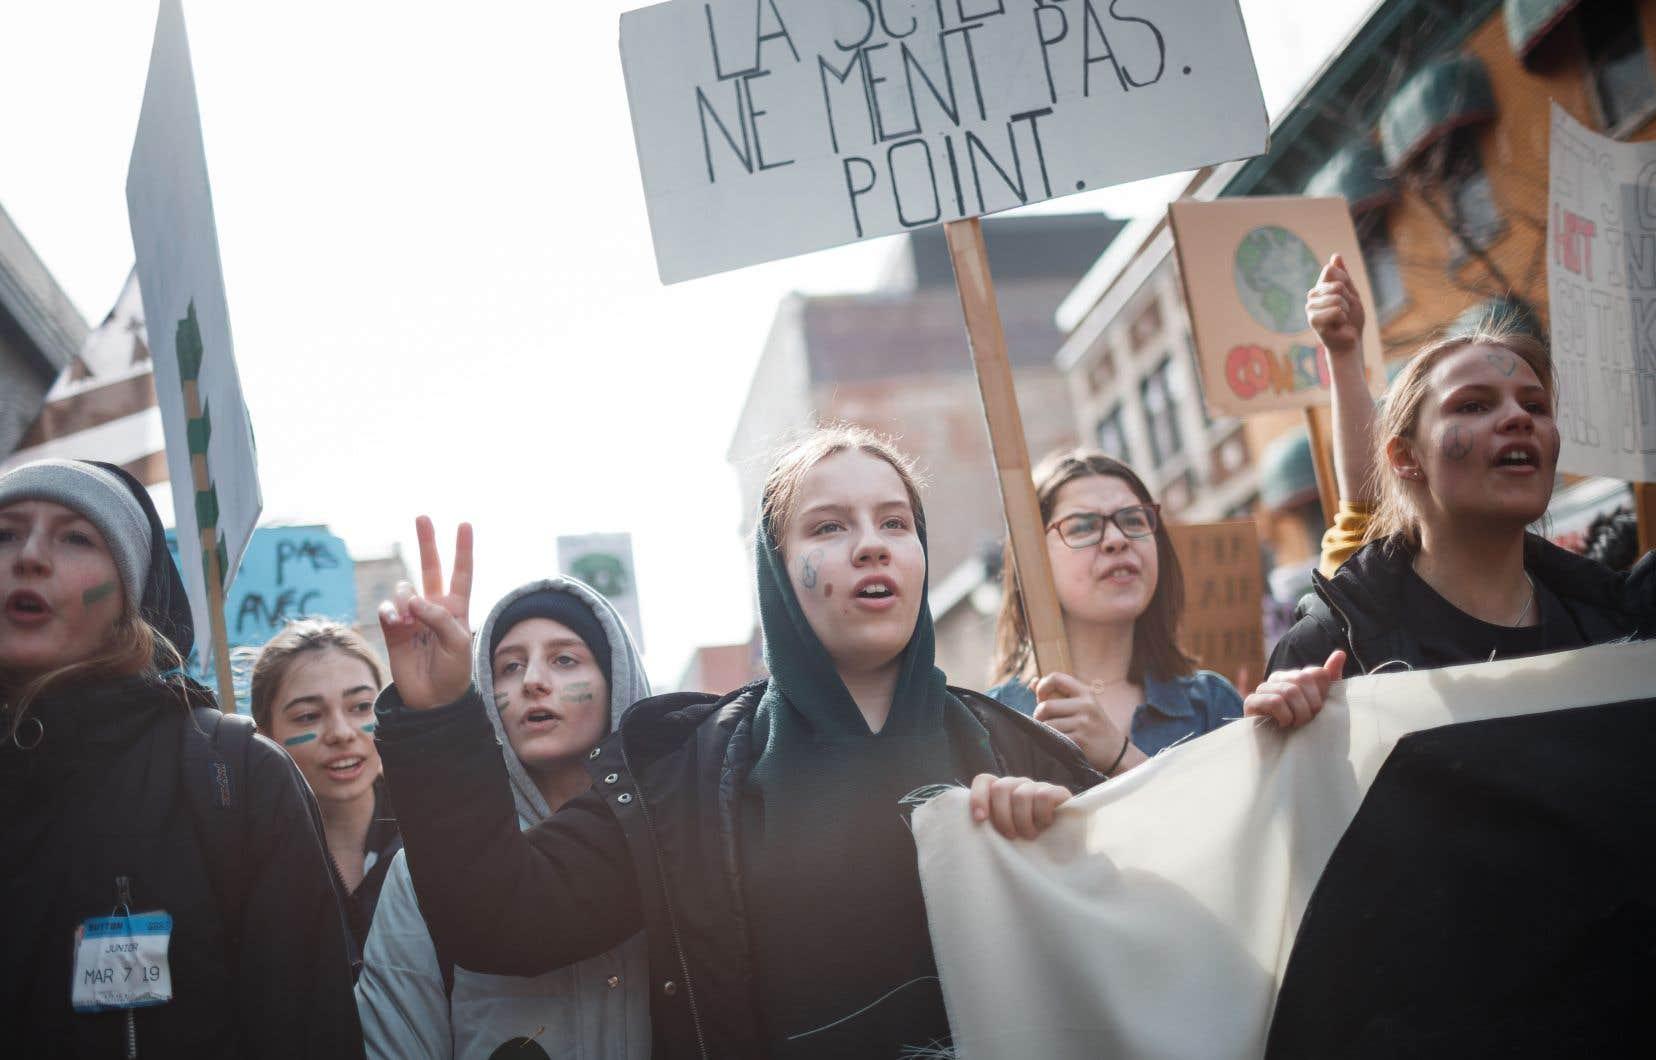 À voir le nombre de personnes dans la rue pour le climat le 15mars dernier, les scientifiques ne devraient pas rencontrer trop de difficultés à trouver des citoyens prêts à se mobiliser pour larecherche sur l'avenir de la planète.